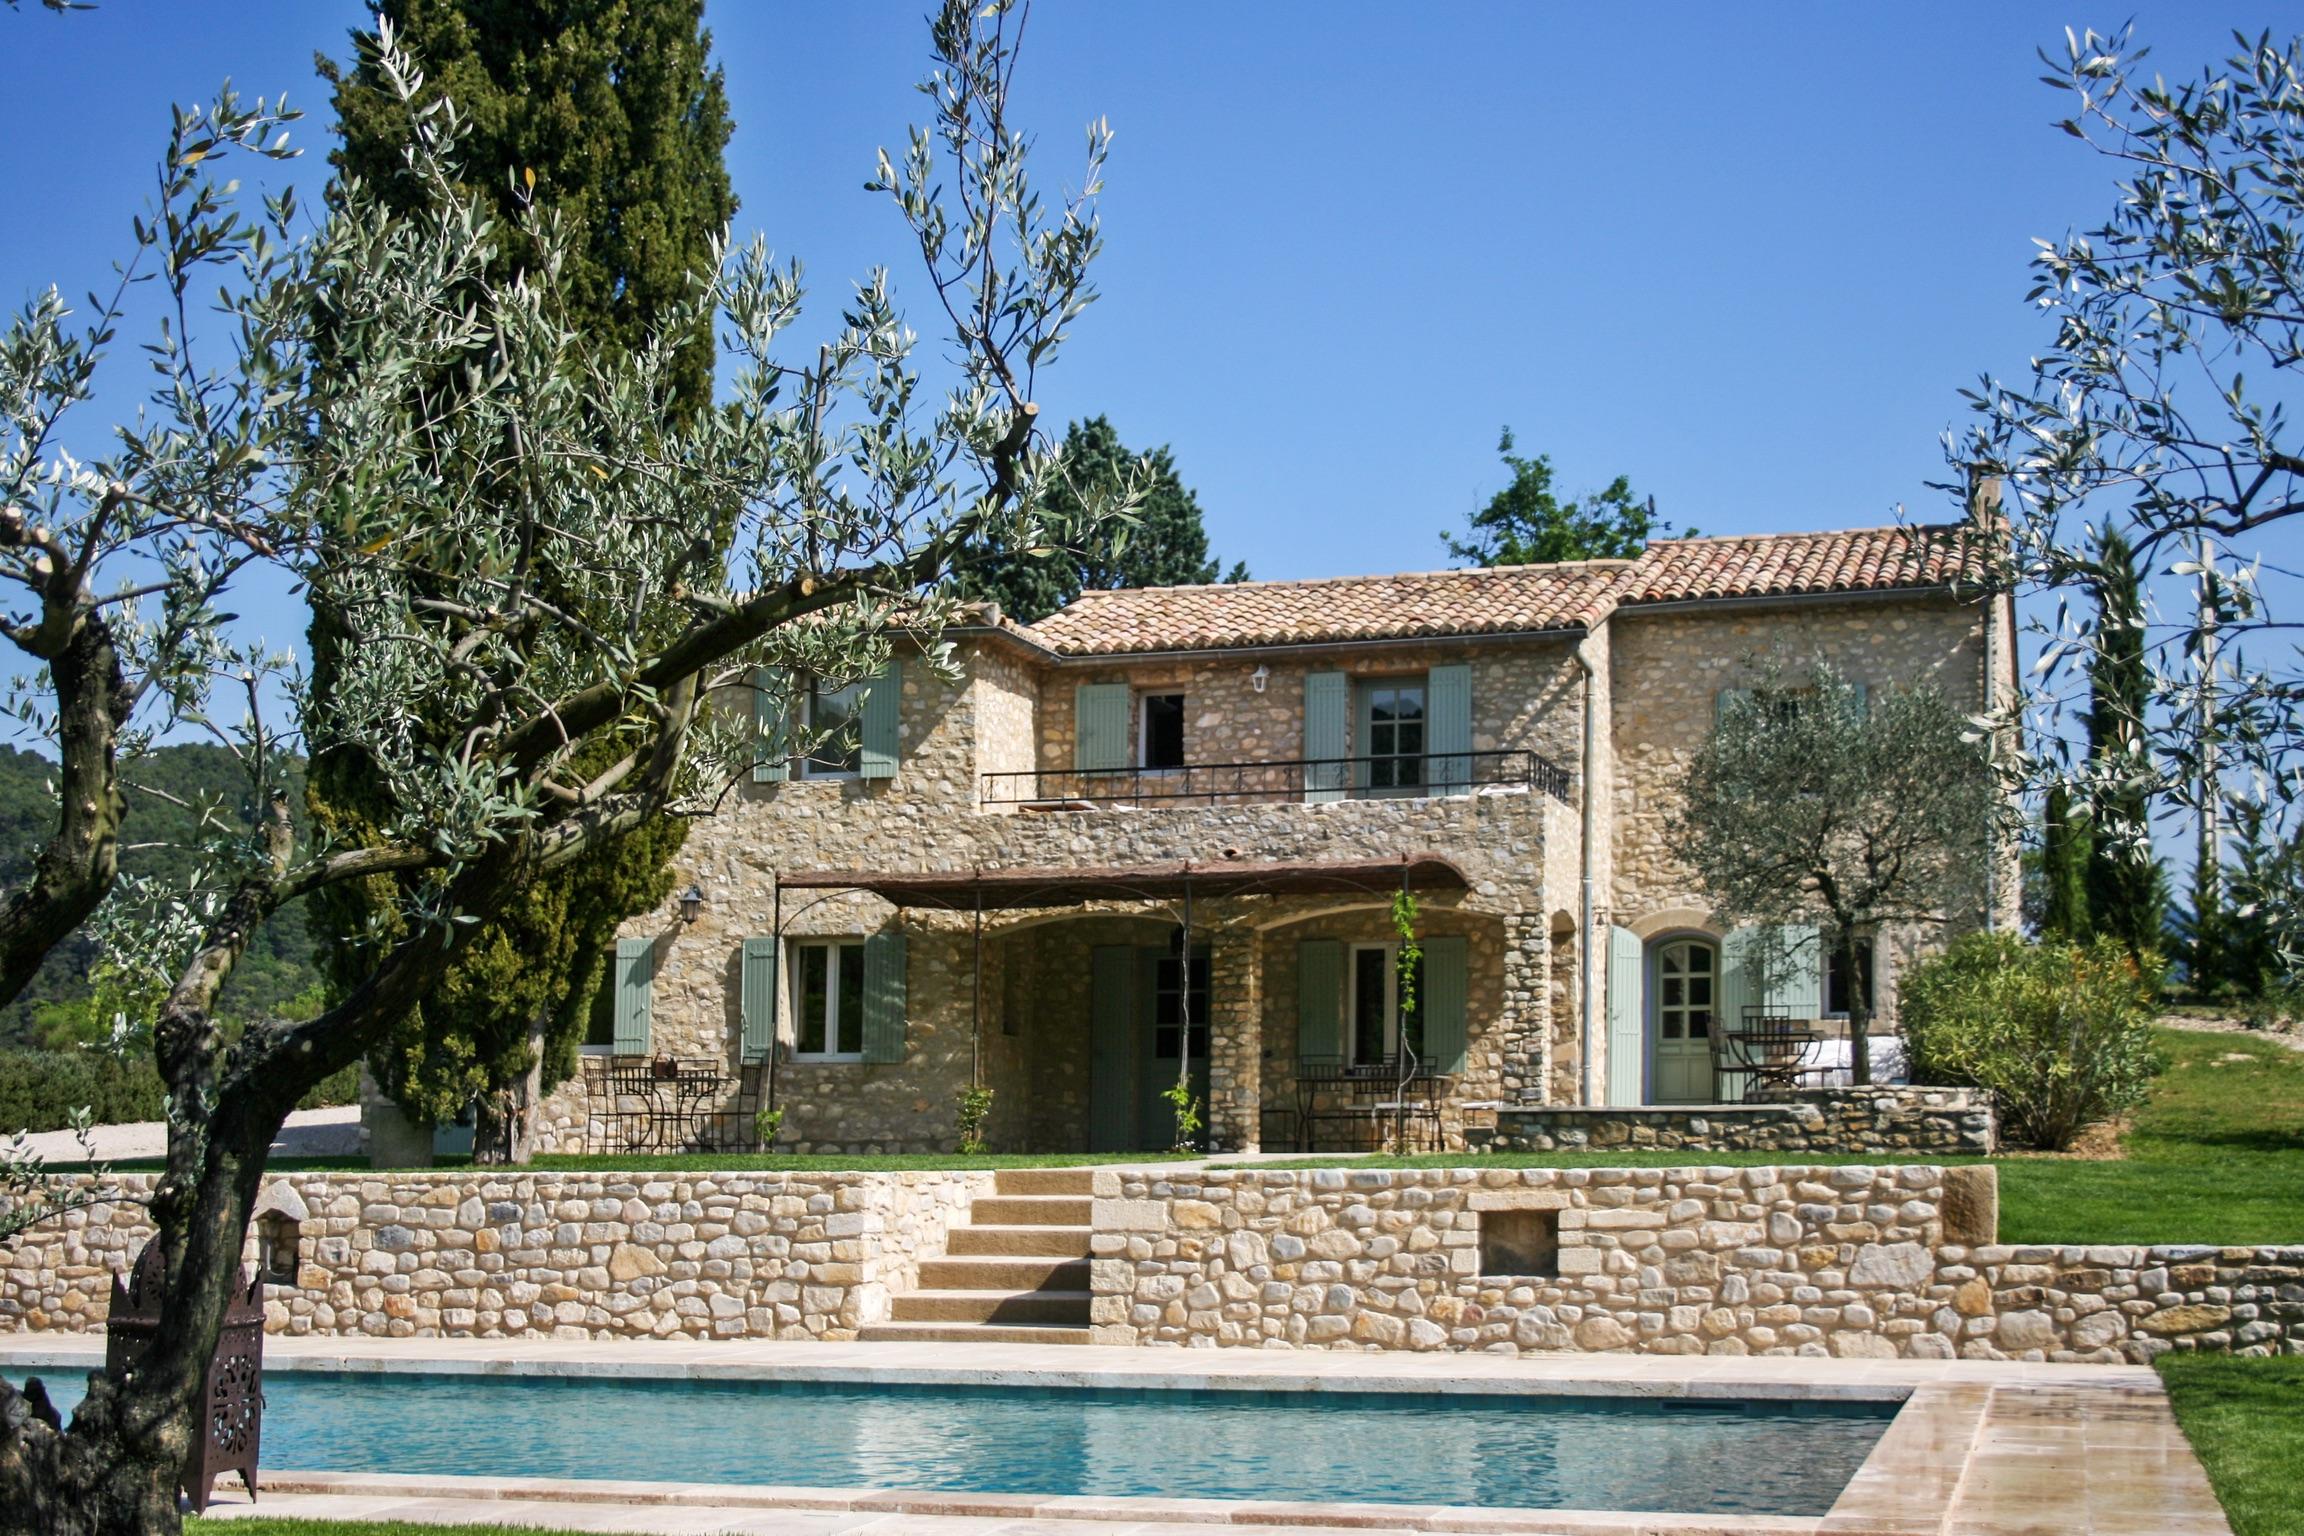 Gut Ausgestattete Villa Mit Pool Auf 4 Hektar Großem Grund, Umgeben Von  Wald Und Einem Fluss.,